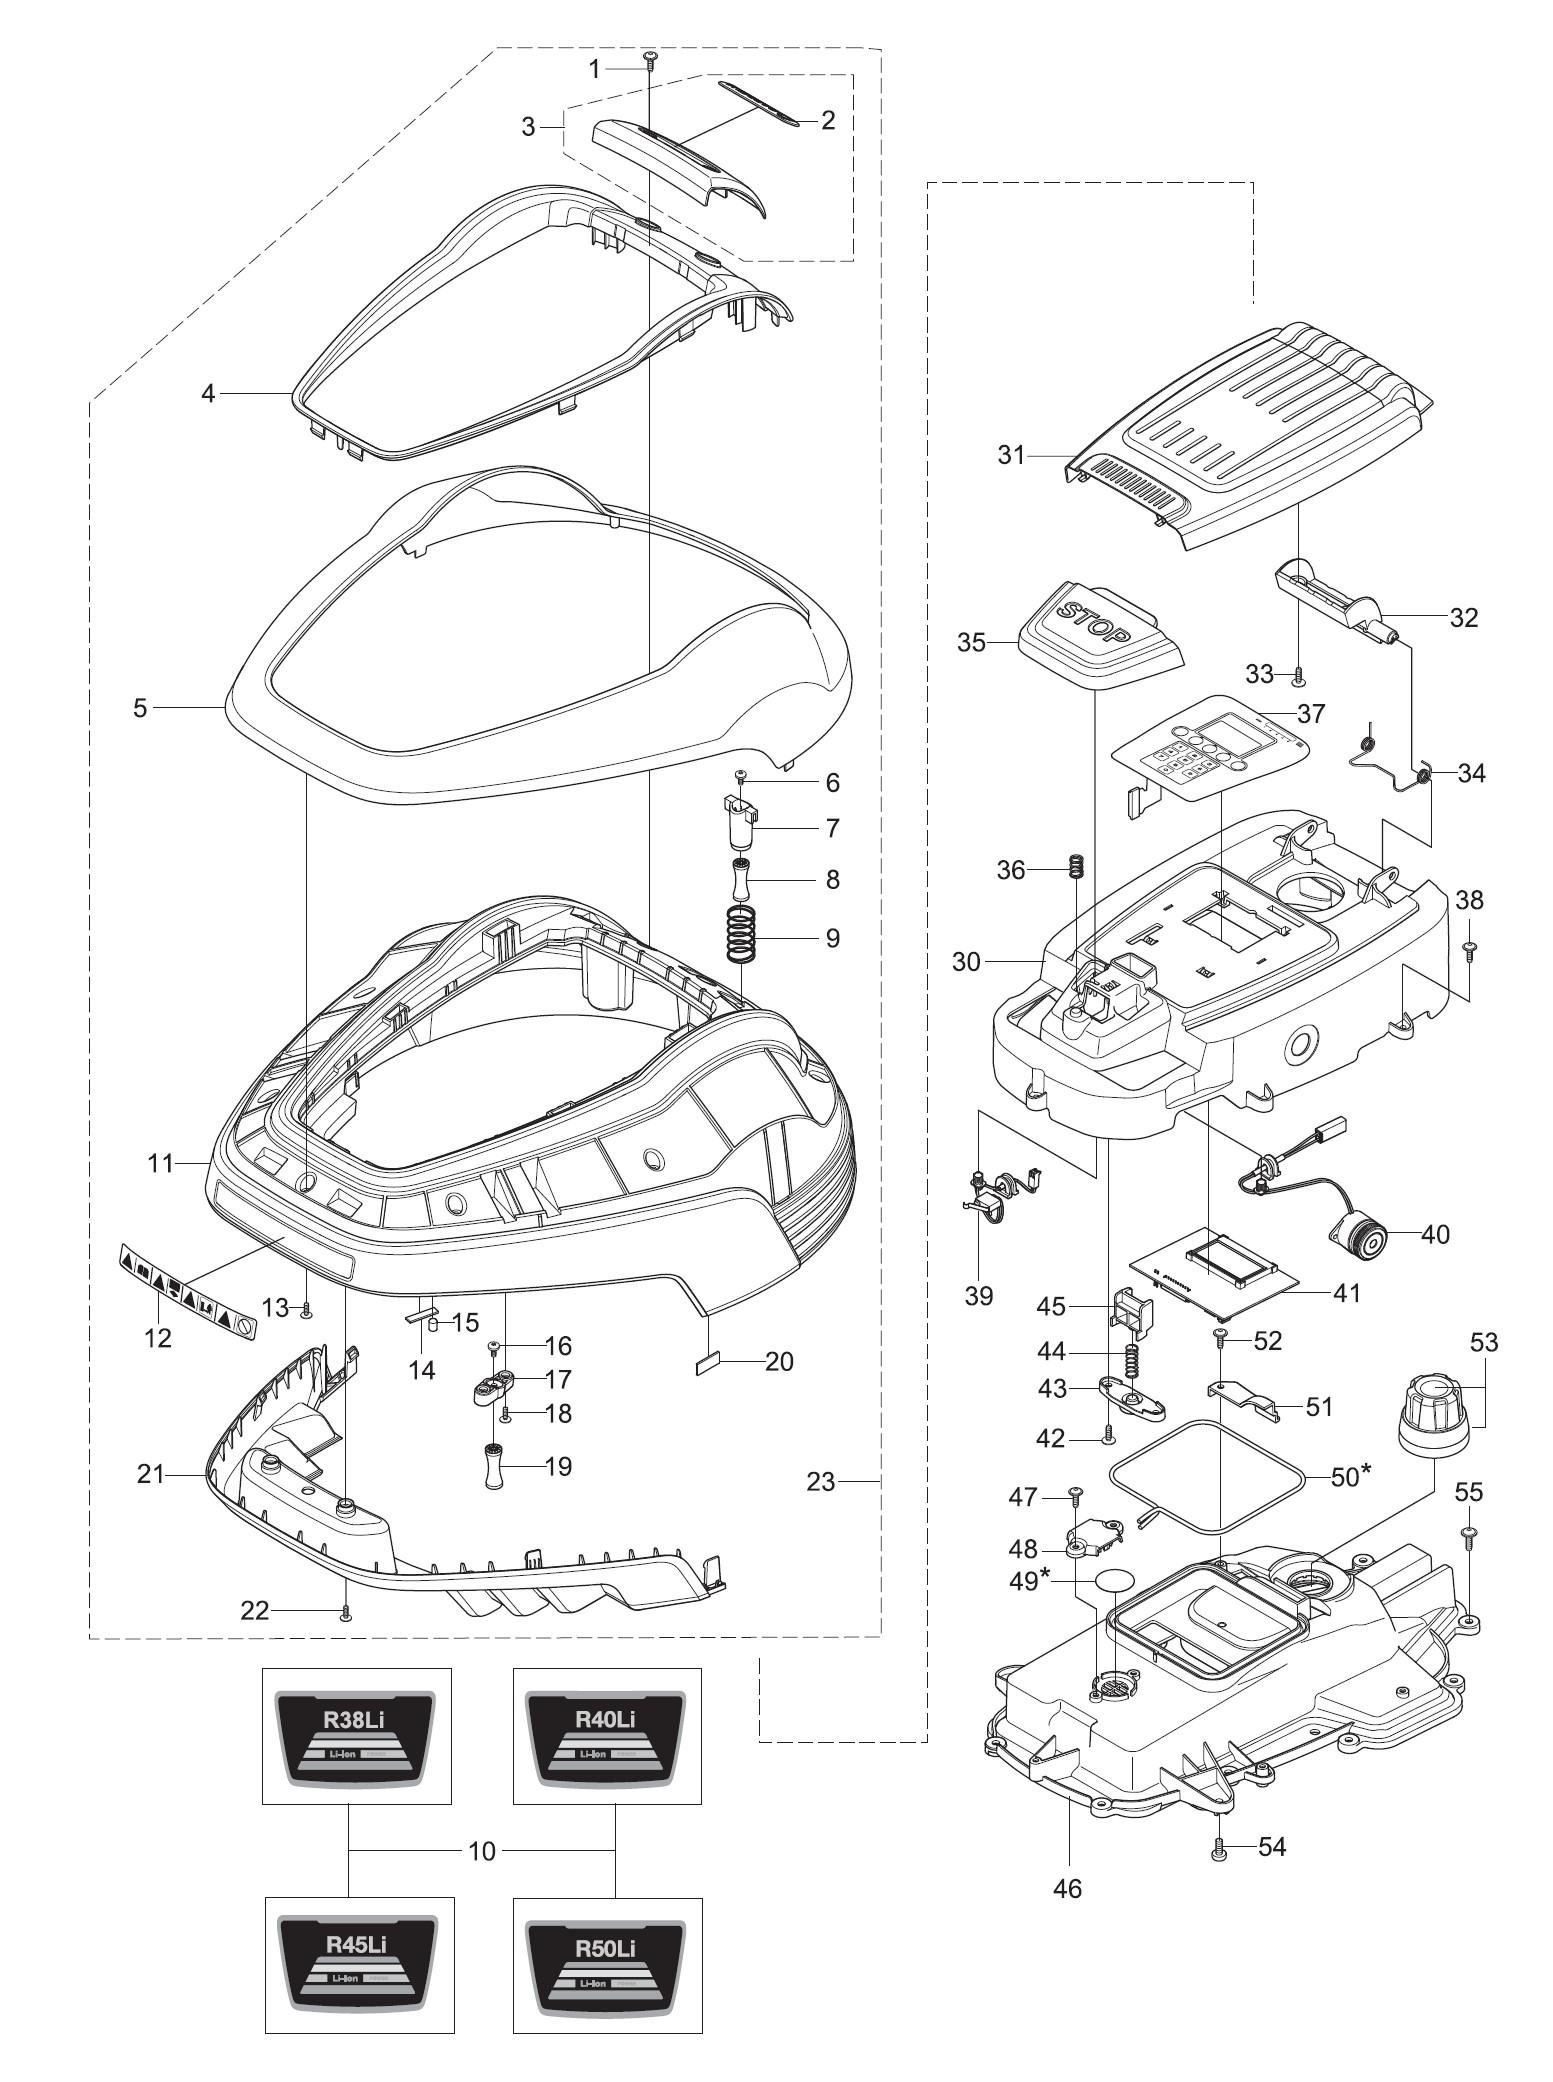 gardena ersatzteile oberteile m hroboter r50li 4077 20 ab. Black Bedroom Furniture Sets. Home Design Ideas